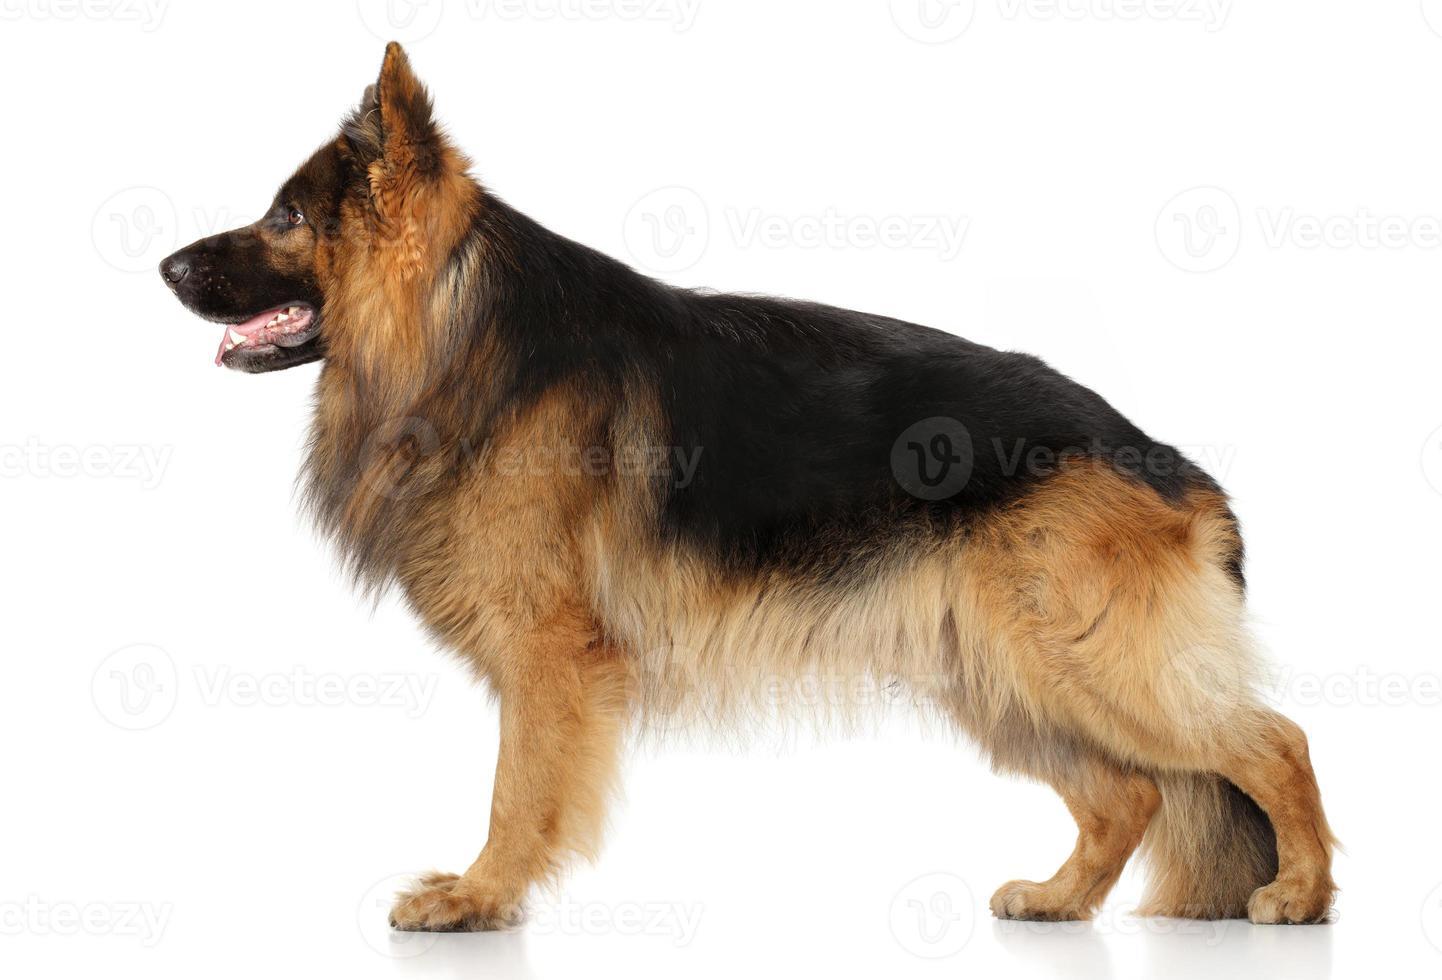 tysk herdehund i stativ foto